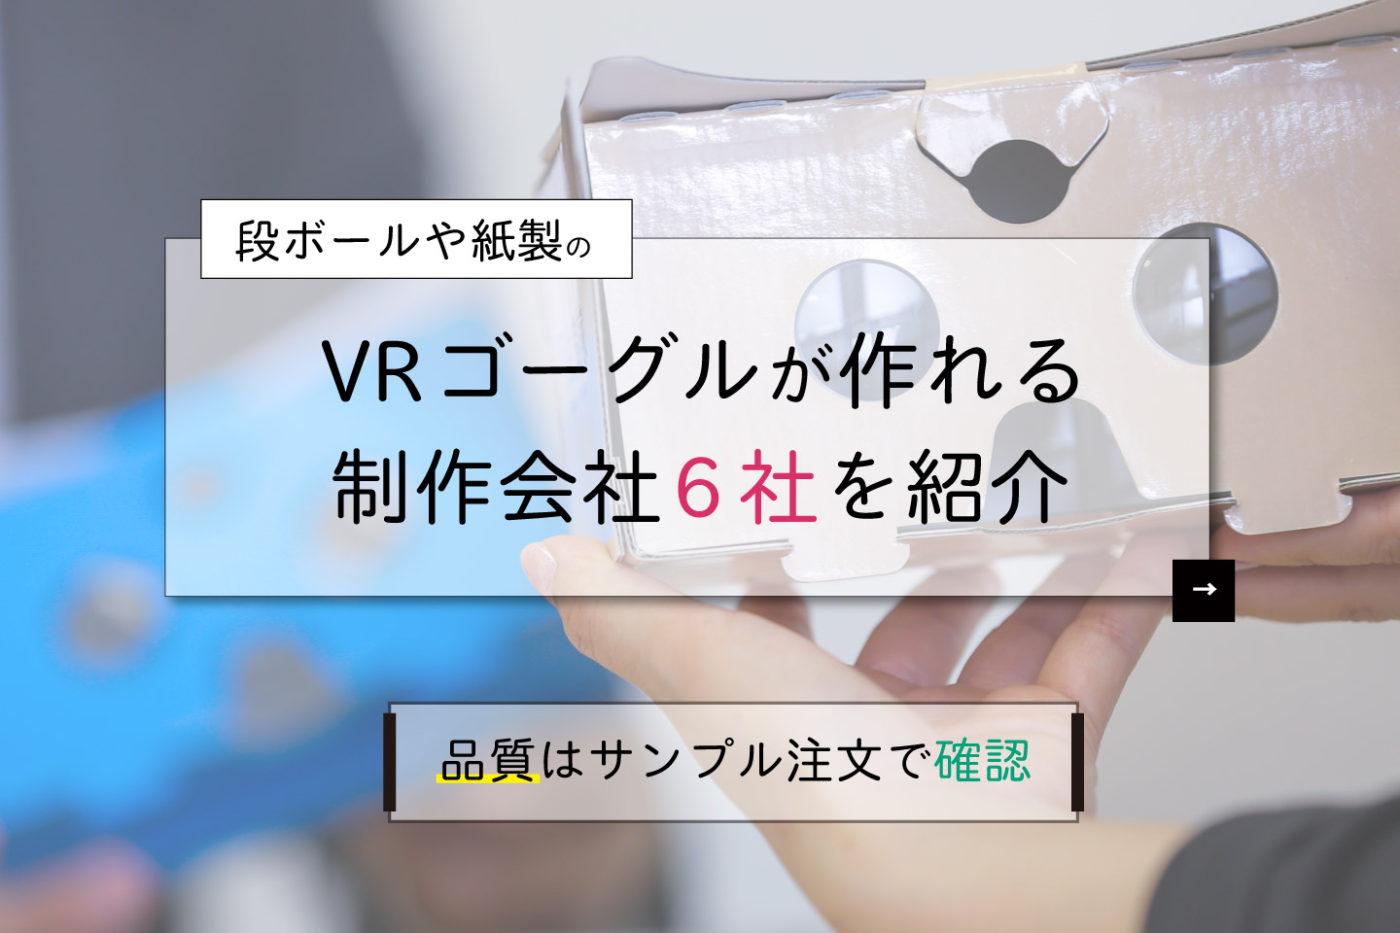 ノベルティ&グッズに使える! VRゴーグル制作会社6選【導入メリットや活用事例も】